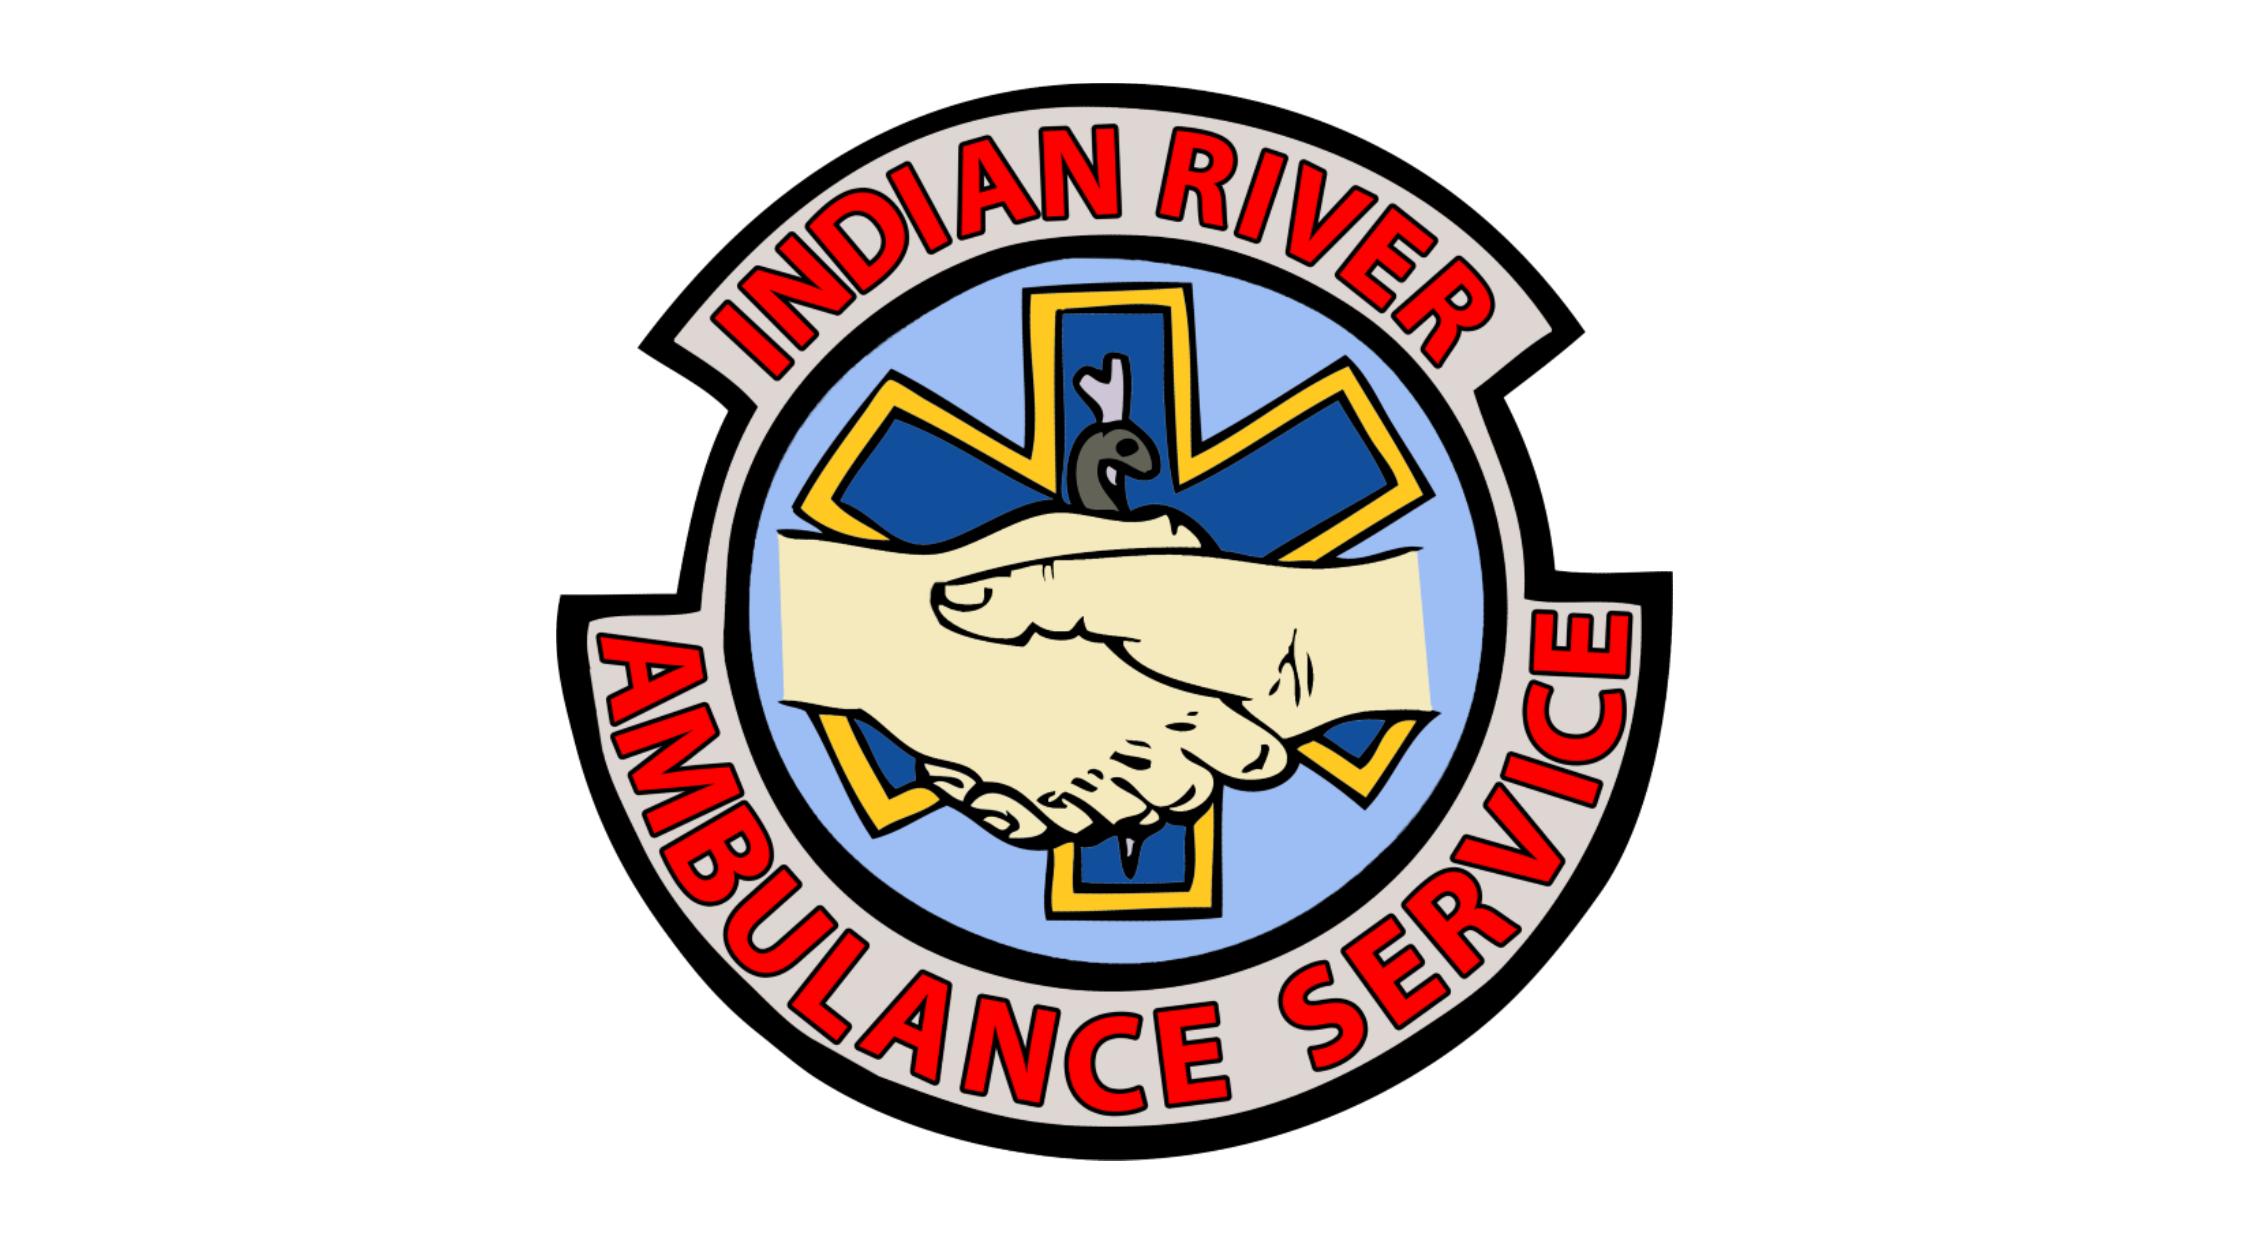 INDIAN RIVER EMS_1525287925975.png.jpg